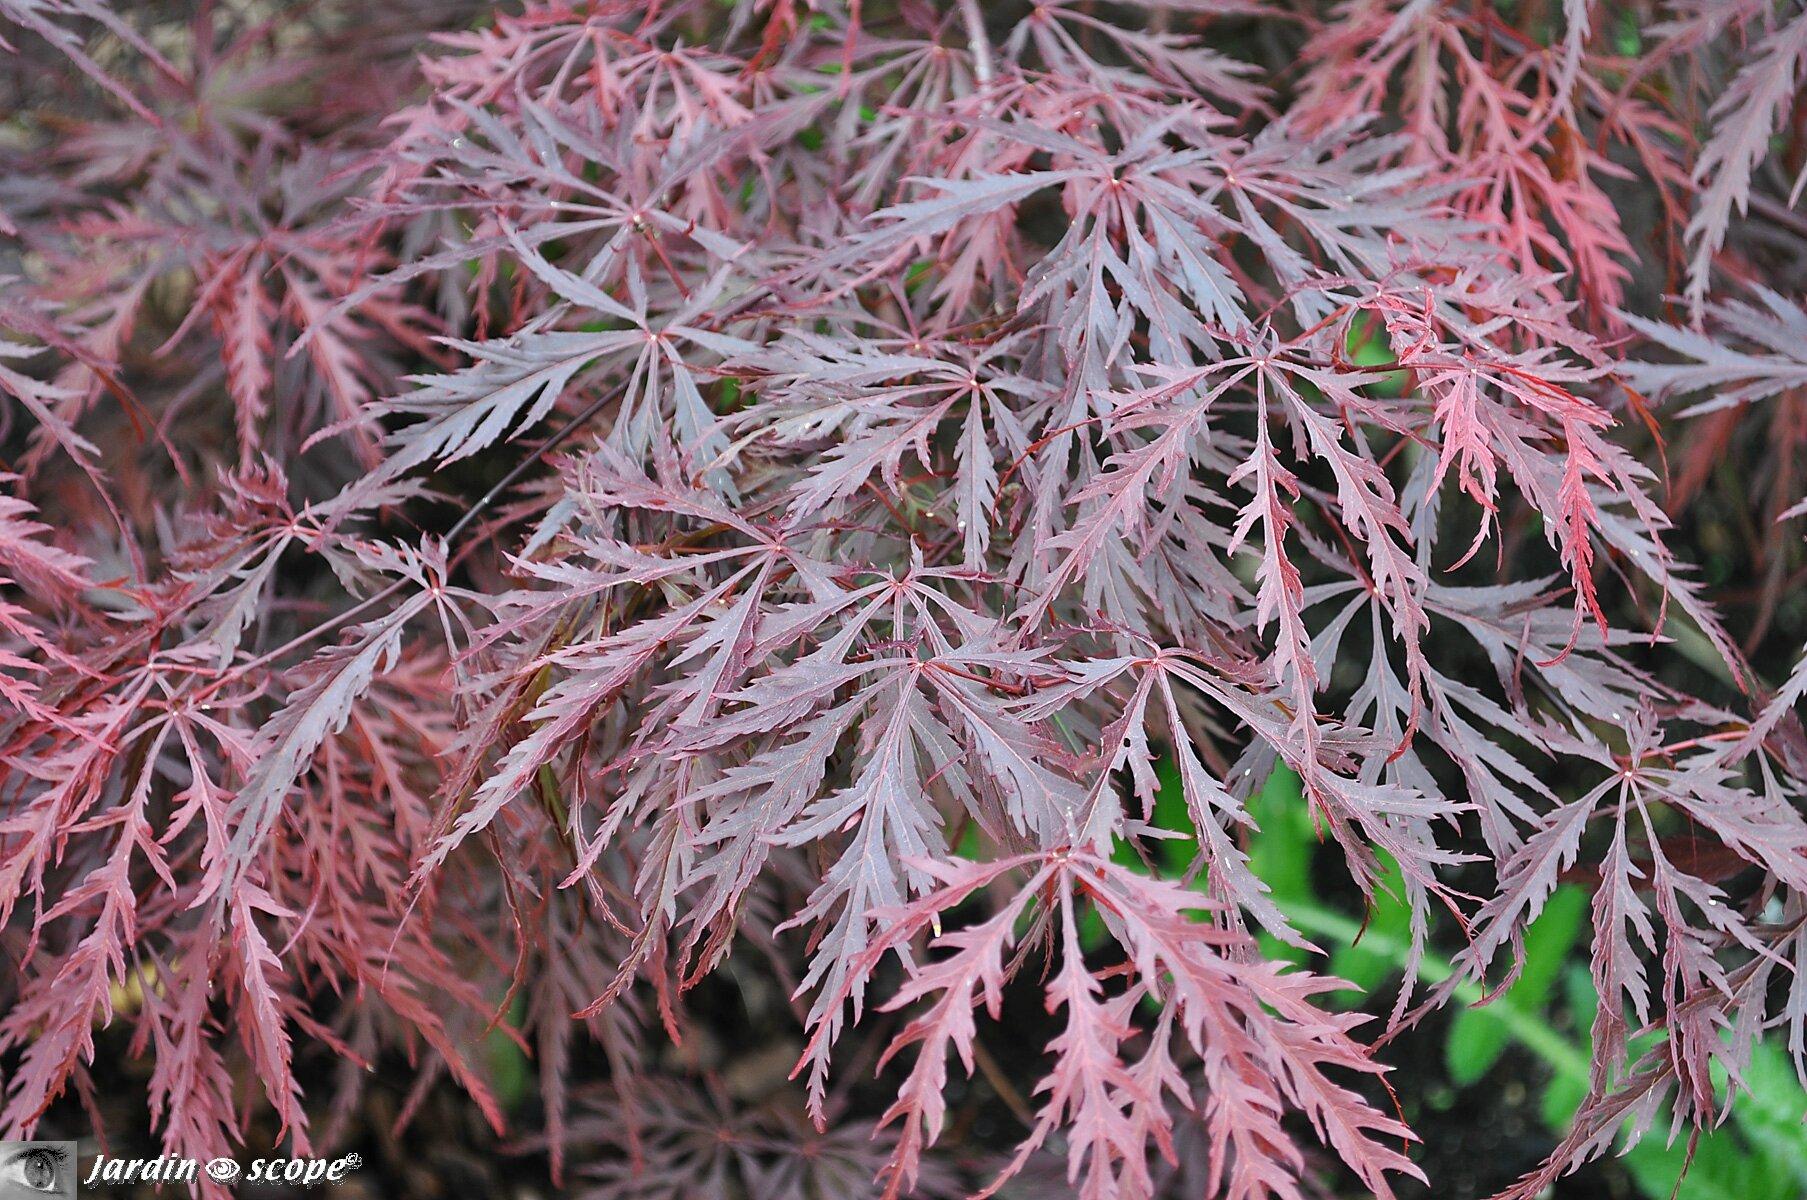 Un feuillage d coup comme de la dentelle le jardinoscope toute la flore et la faune de for Comarbuste a feuille rouge